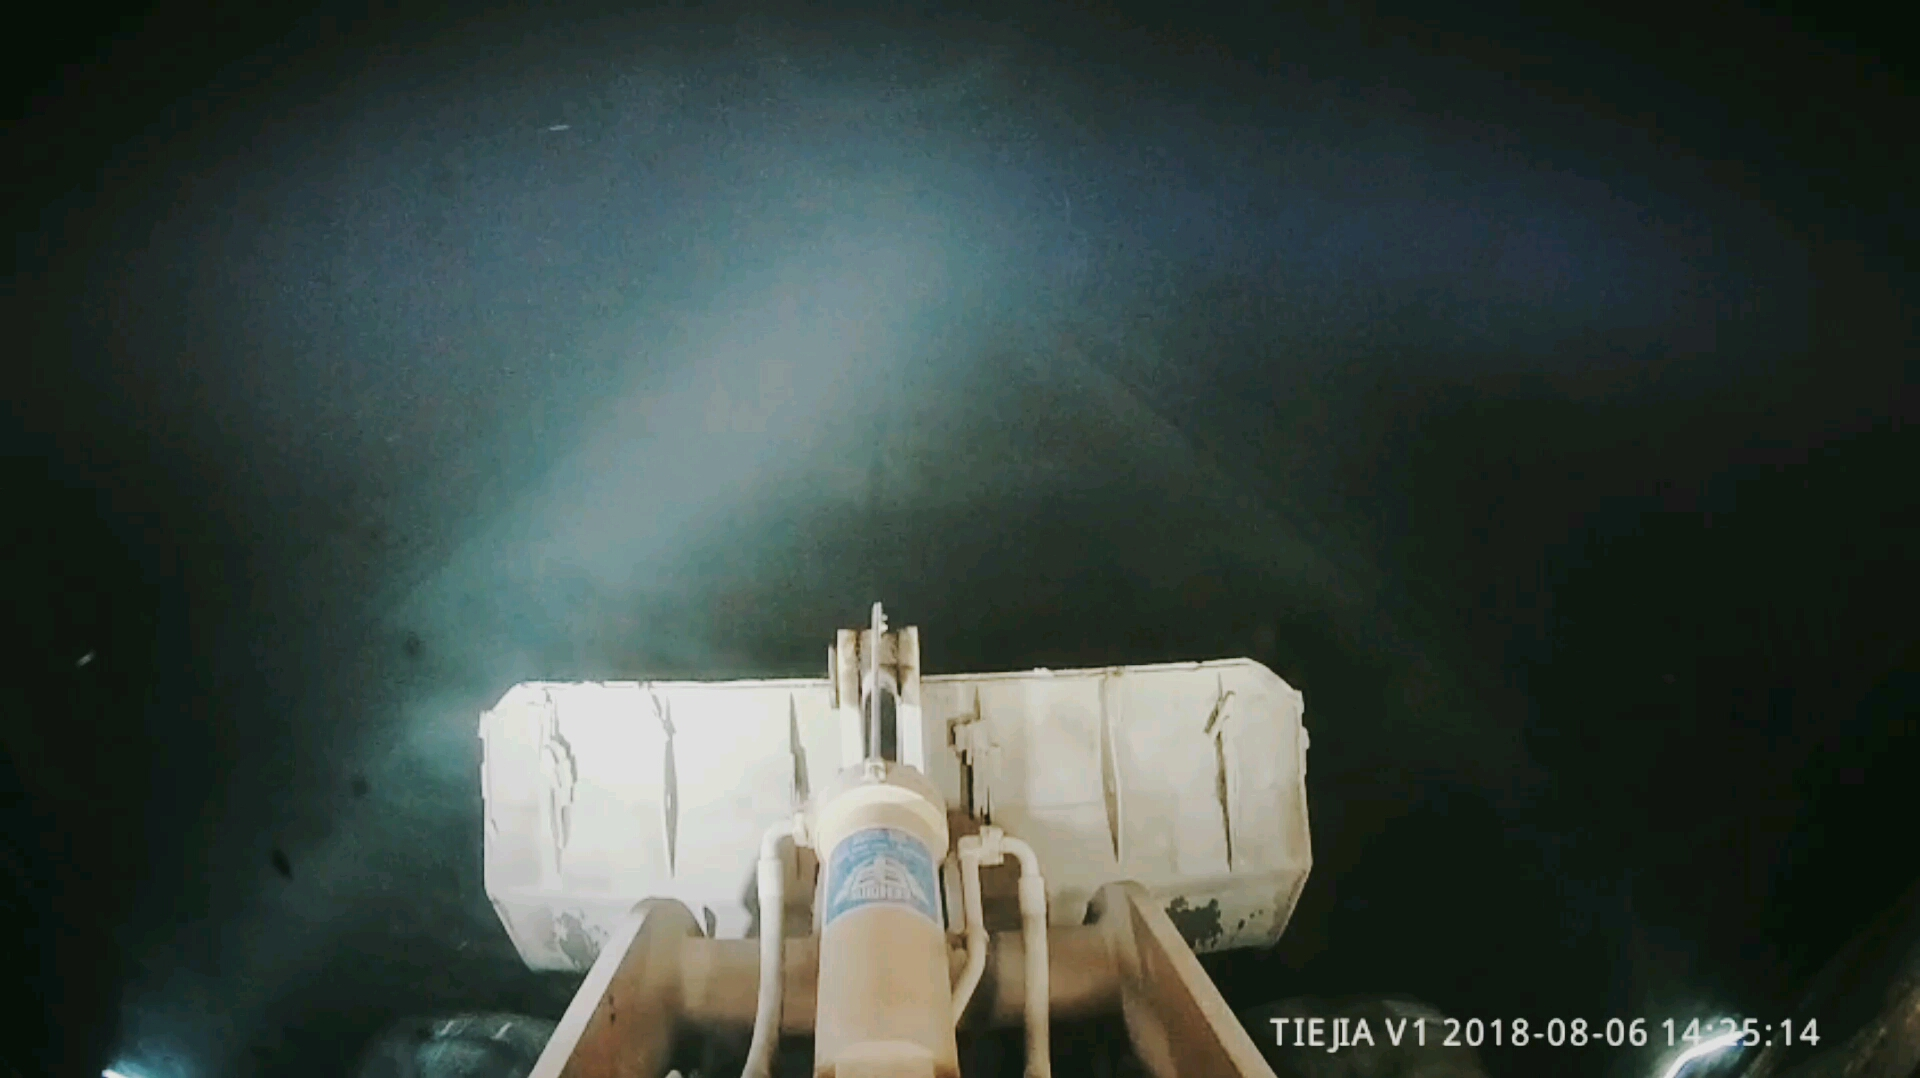 【铁甲云盒】论反光马甲在施工中的重要性